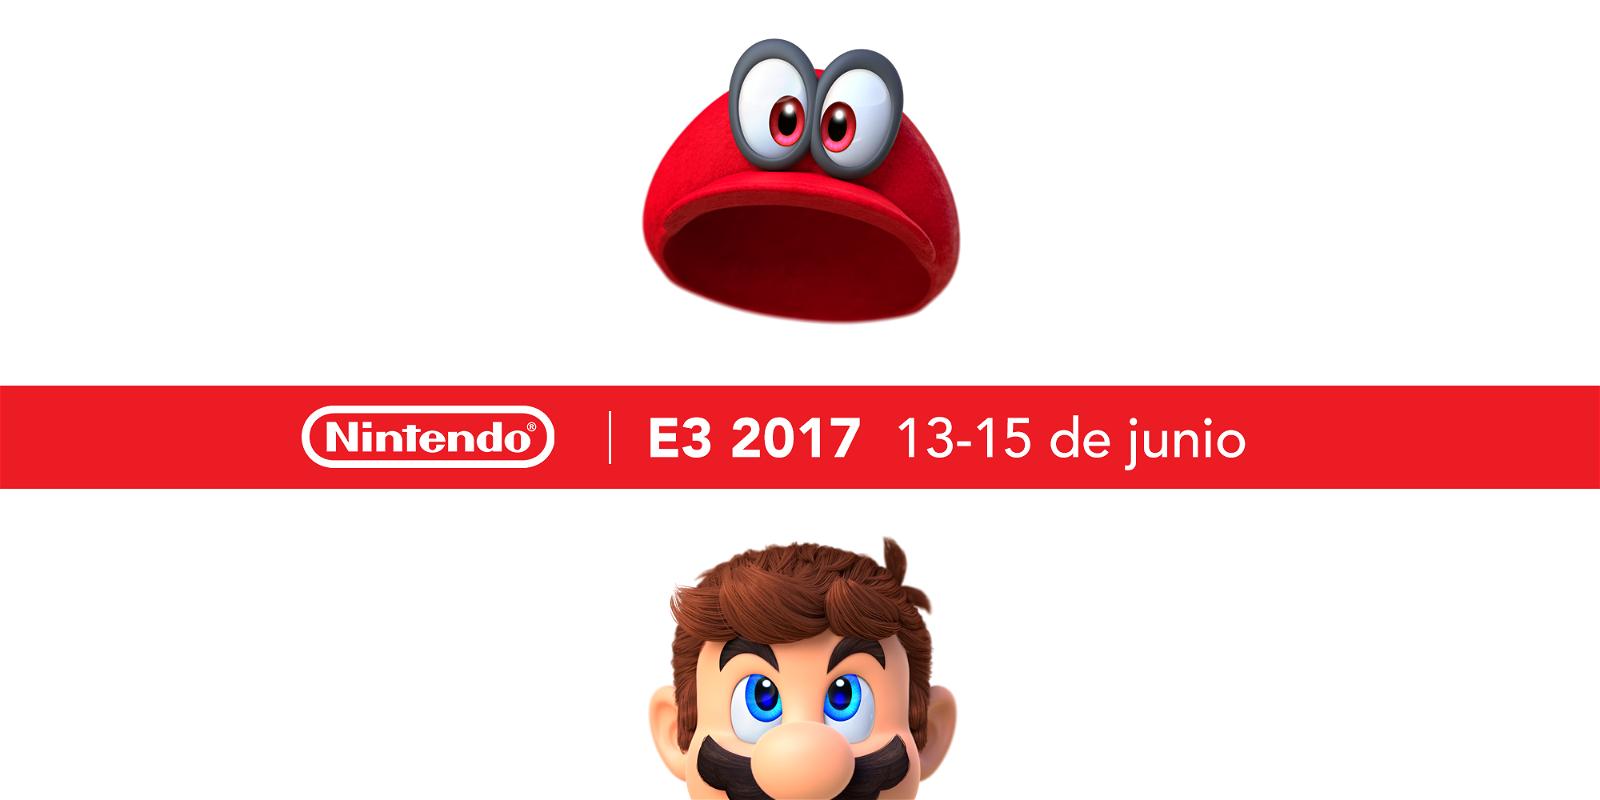 Mario Odyssey despegará en el próximo E3 2017